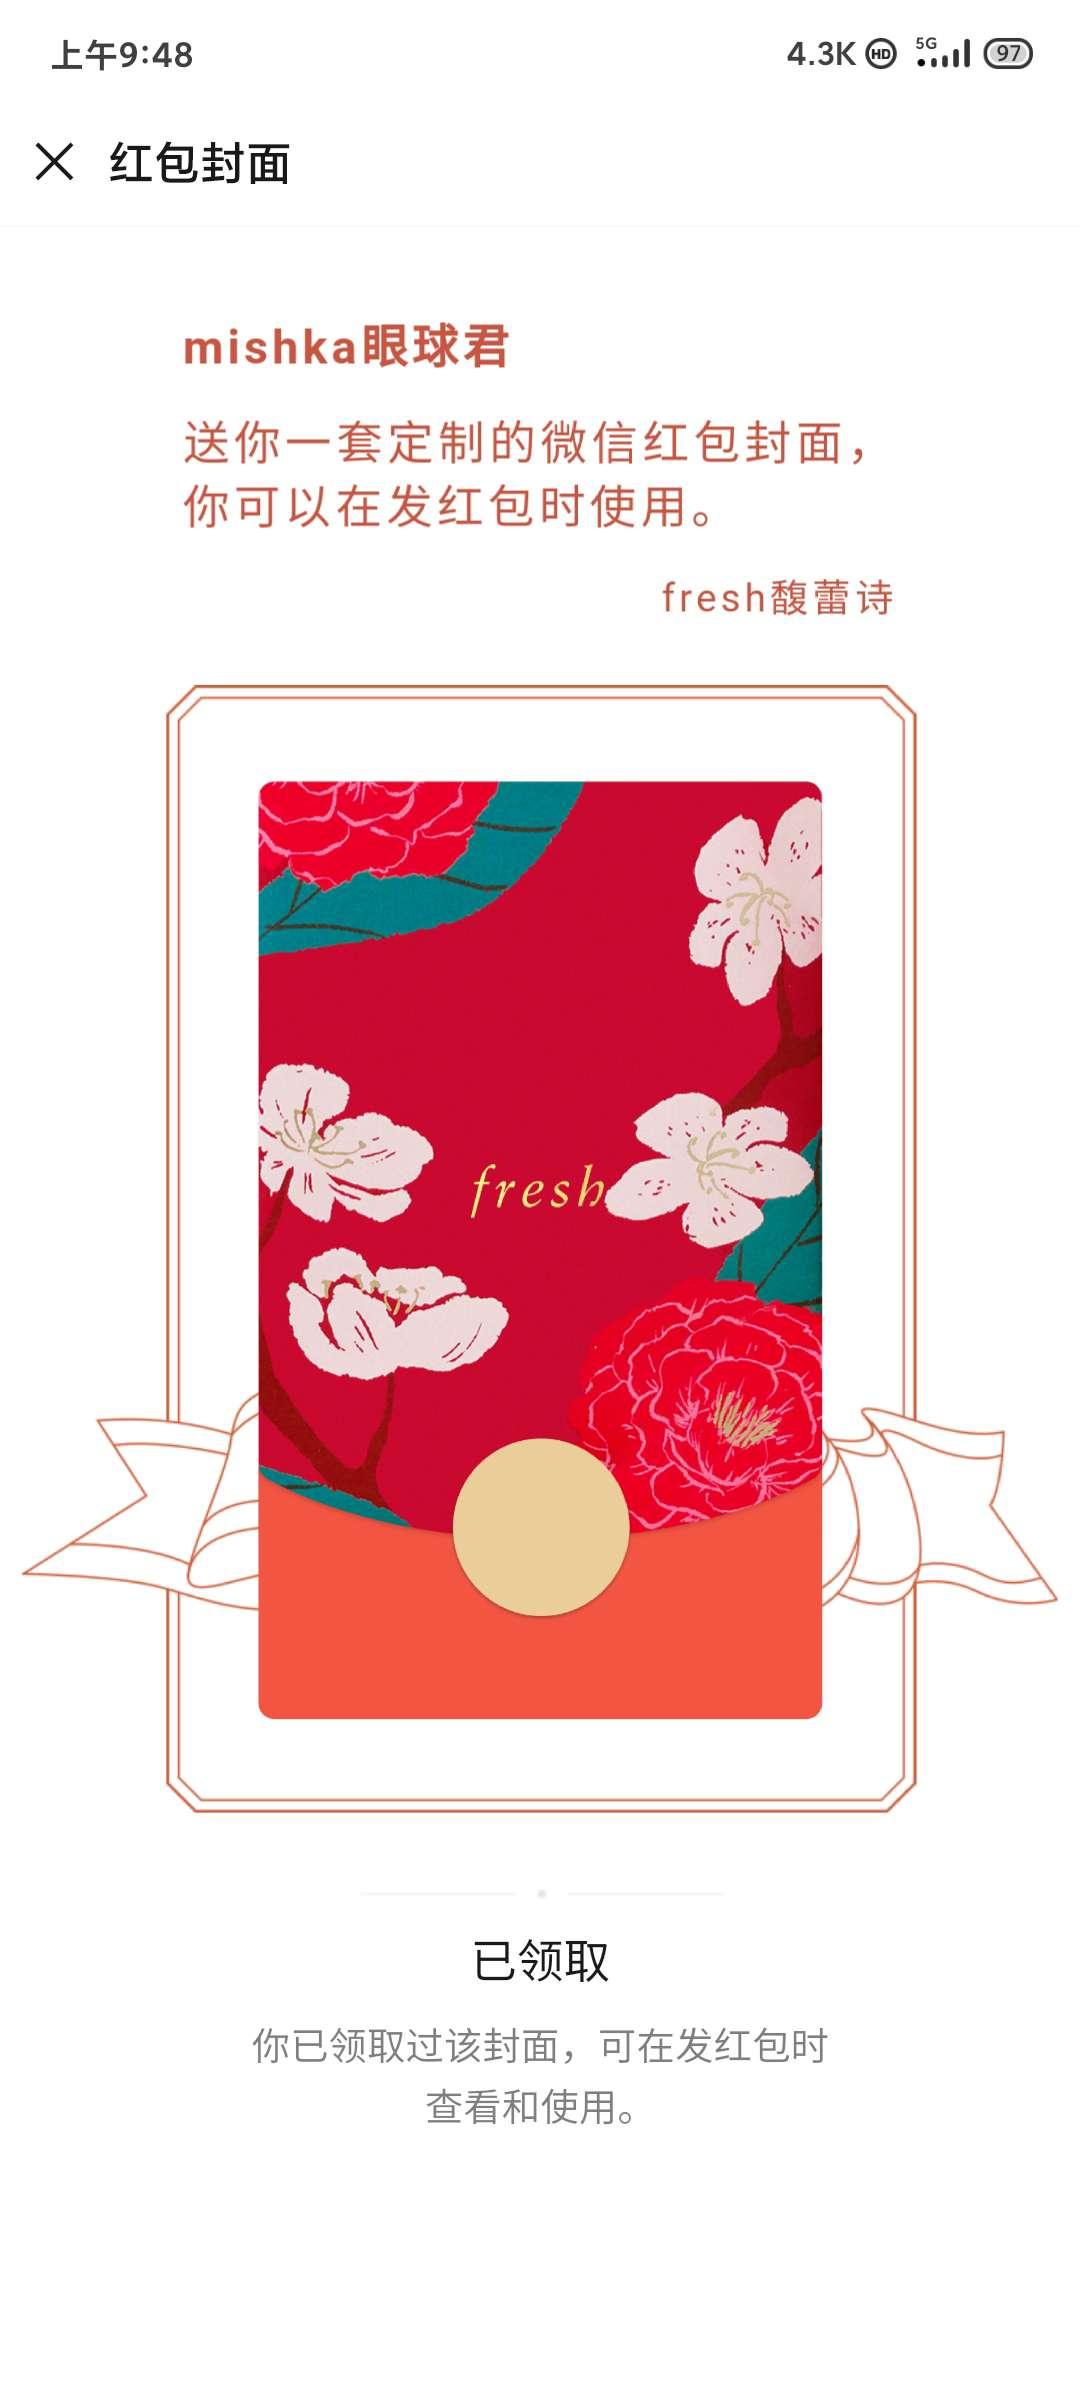 fresh馥蕾诗领王源微信红包封面插图1